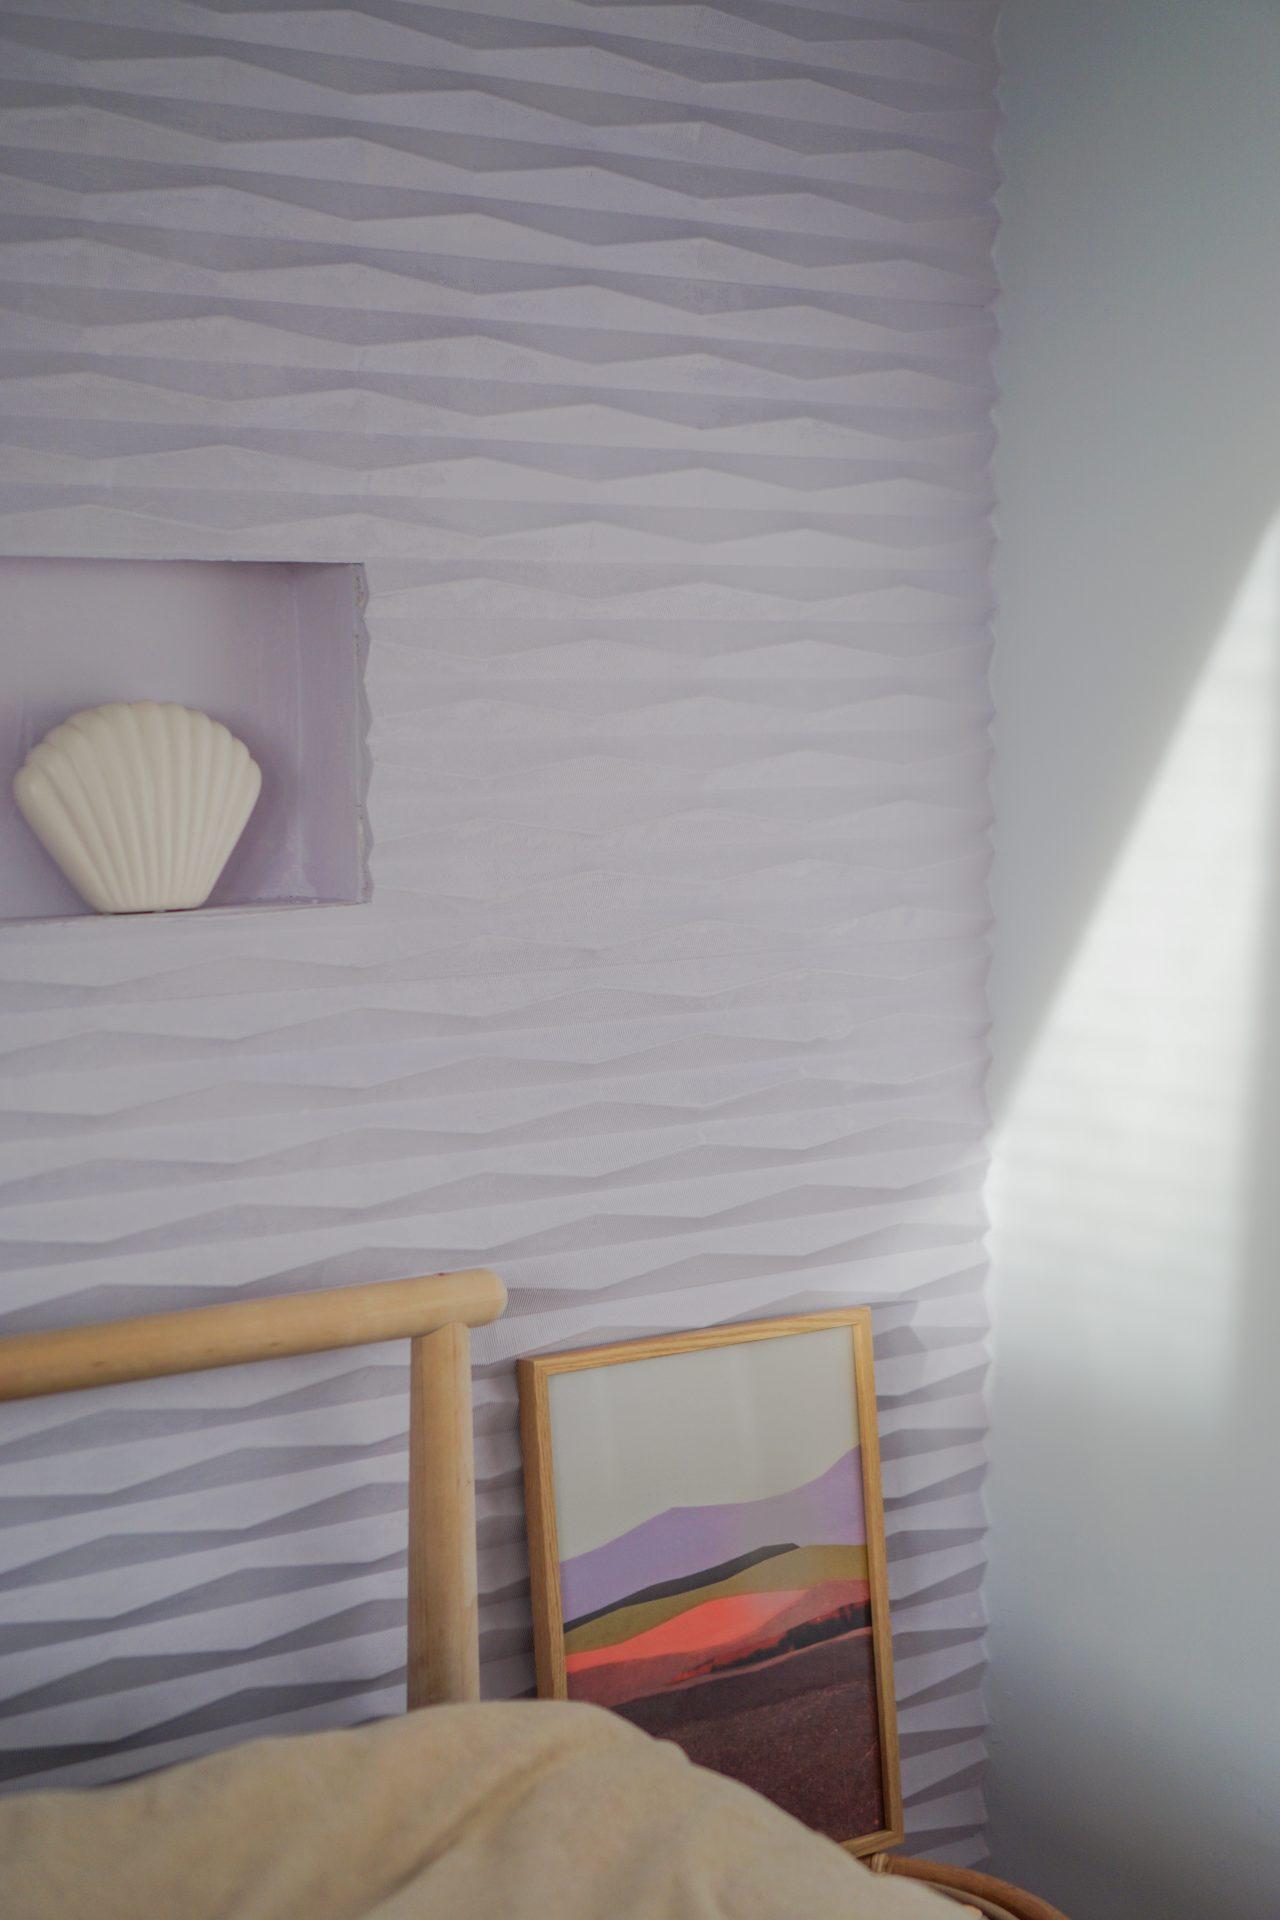 kunststof wandpanelen inspiratie tips interieur